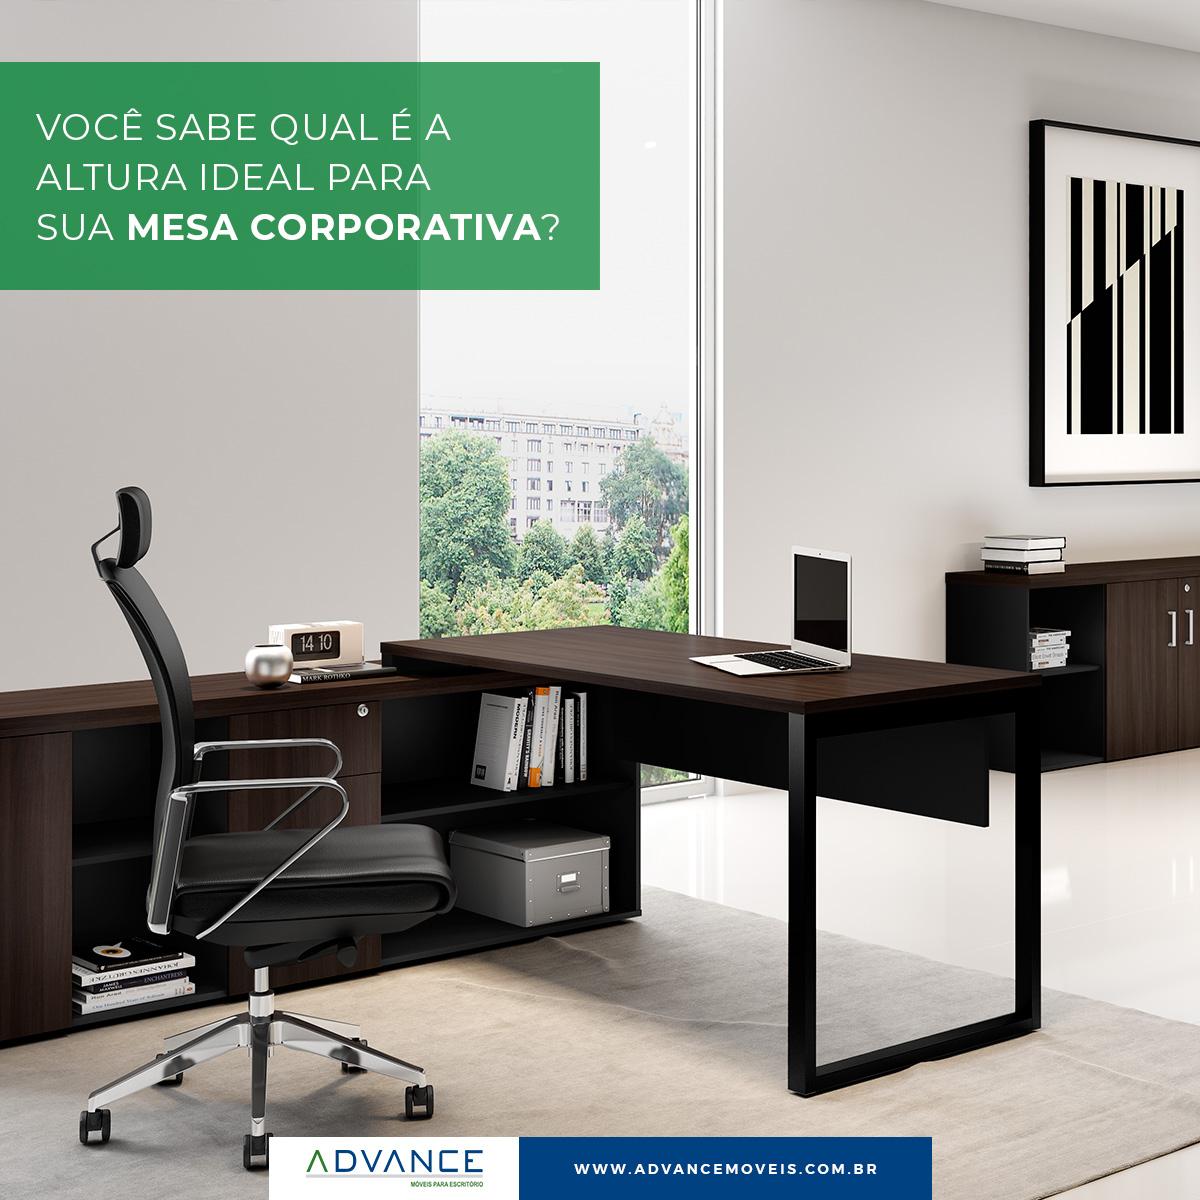 Você sabe qual é a altura ideal para sua mesa corporativa?